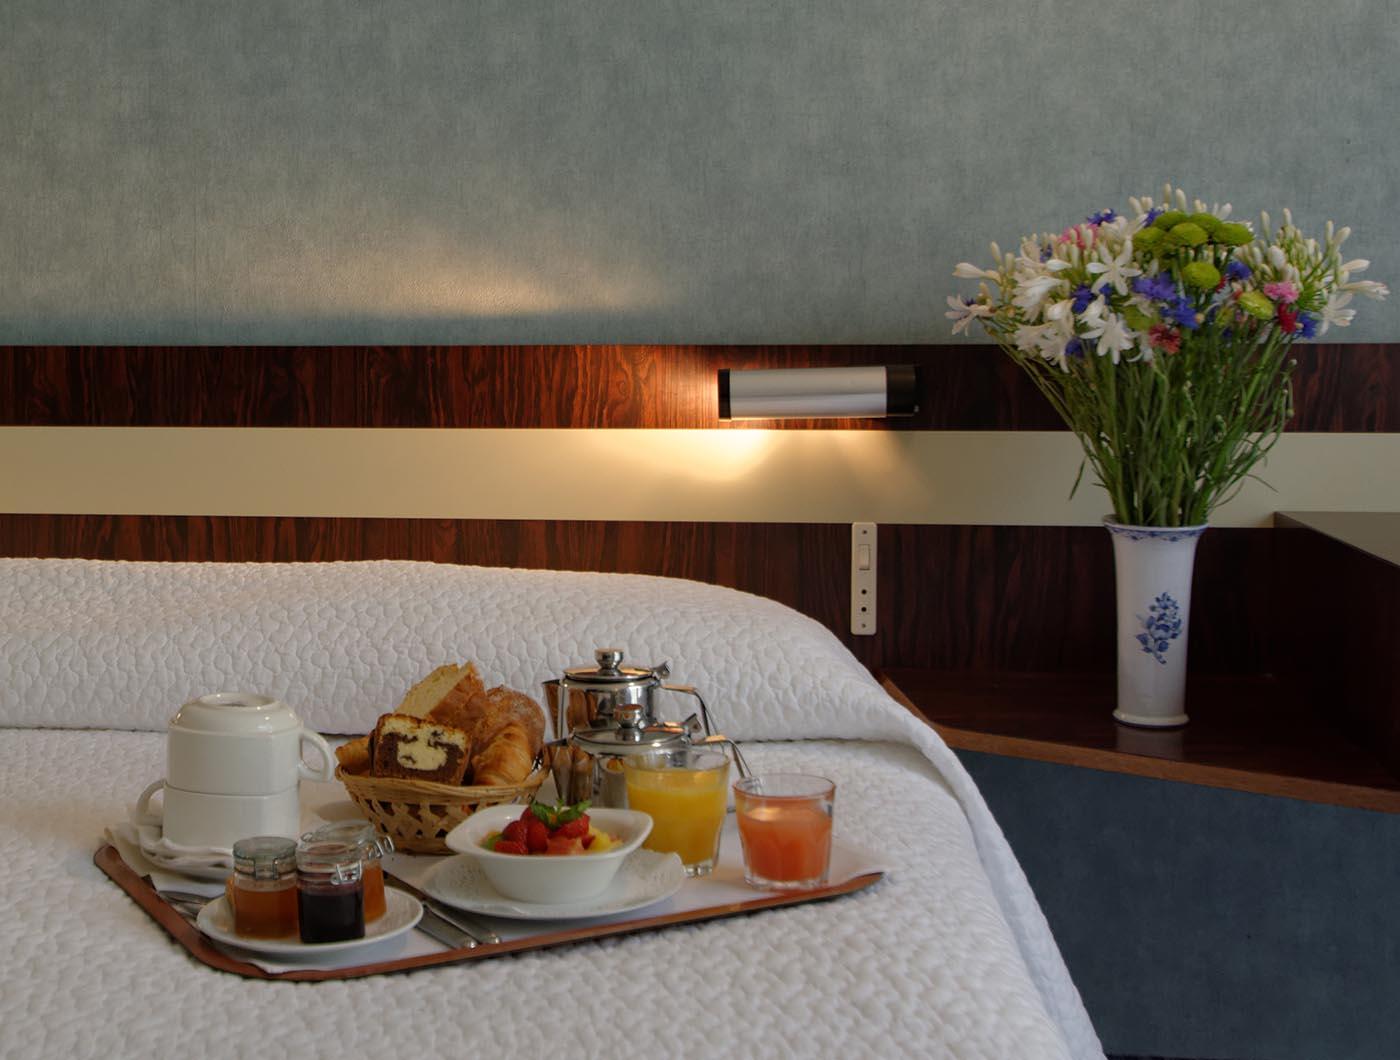 Chambre petit déjeuner de l'Hôtel Villa Borghese à Gréoux-les-Bains (04800)